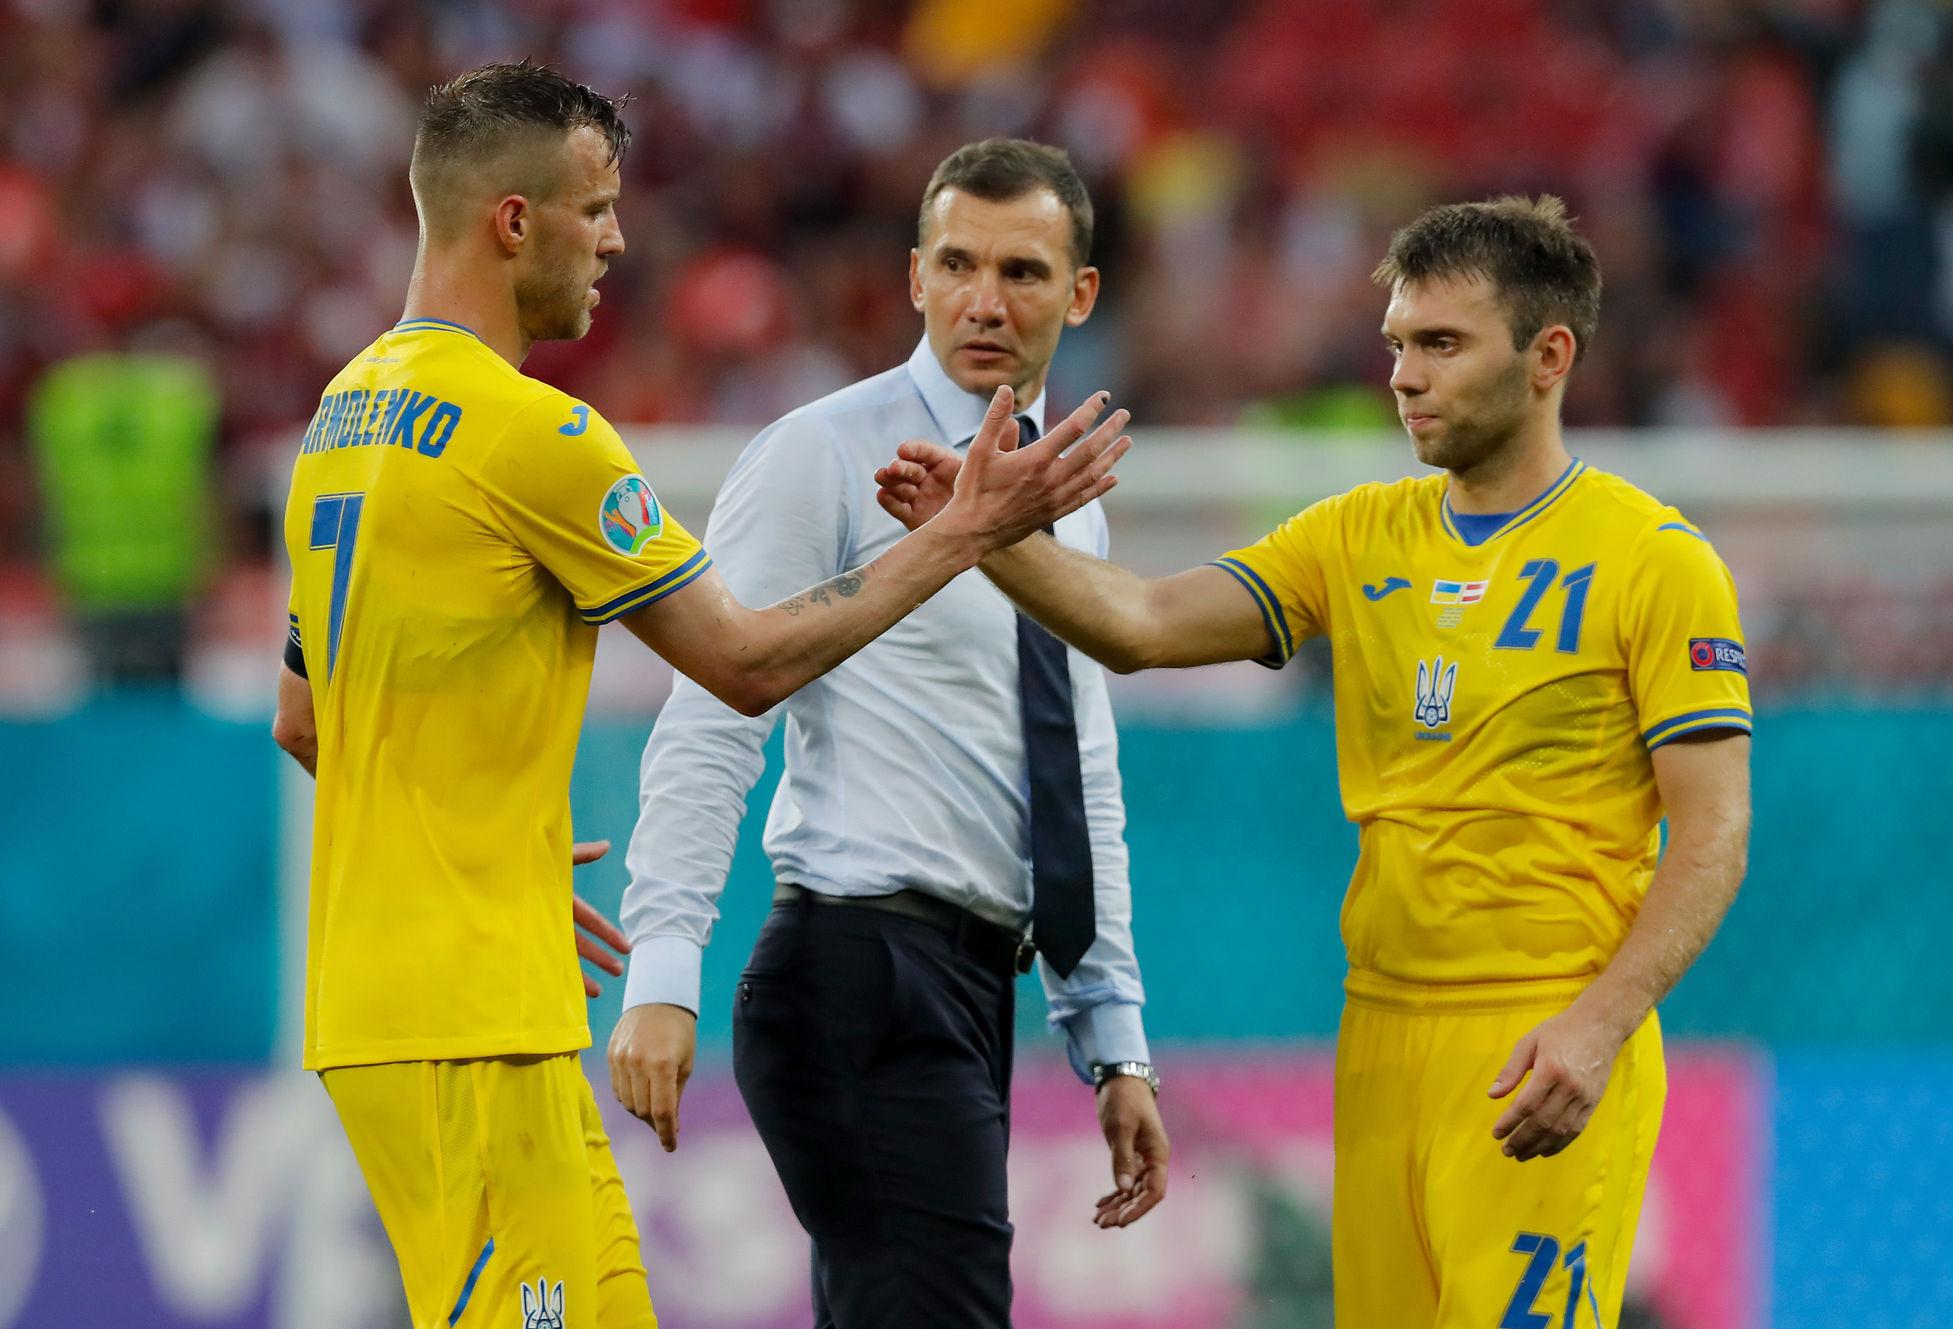 Украина - Англия. Анонс и прогноз на матч четвертьфинала Евро-2020 на 03.07.2021 - изображение 2